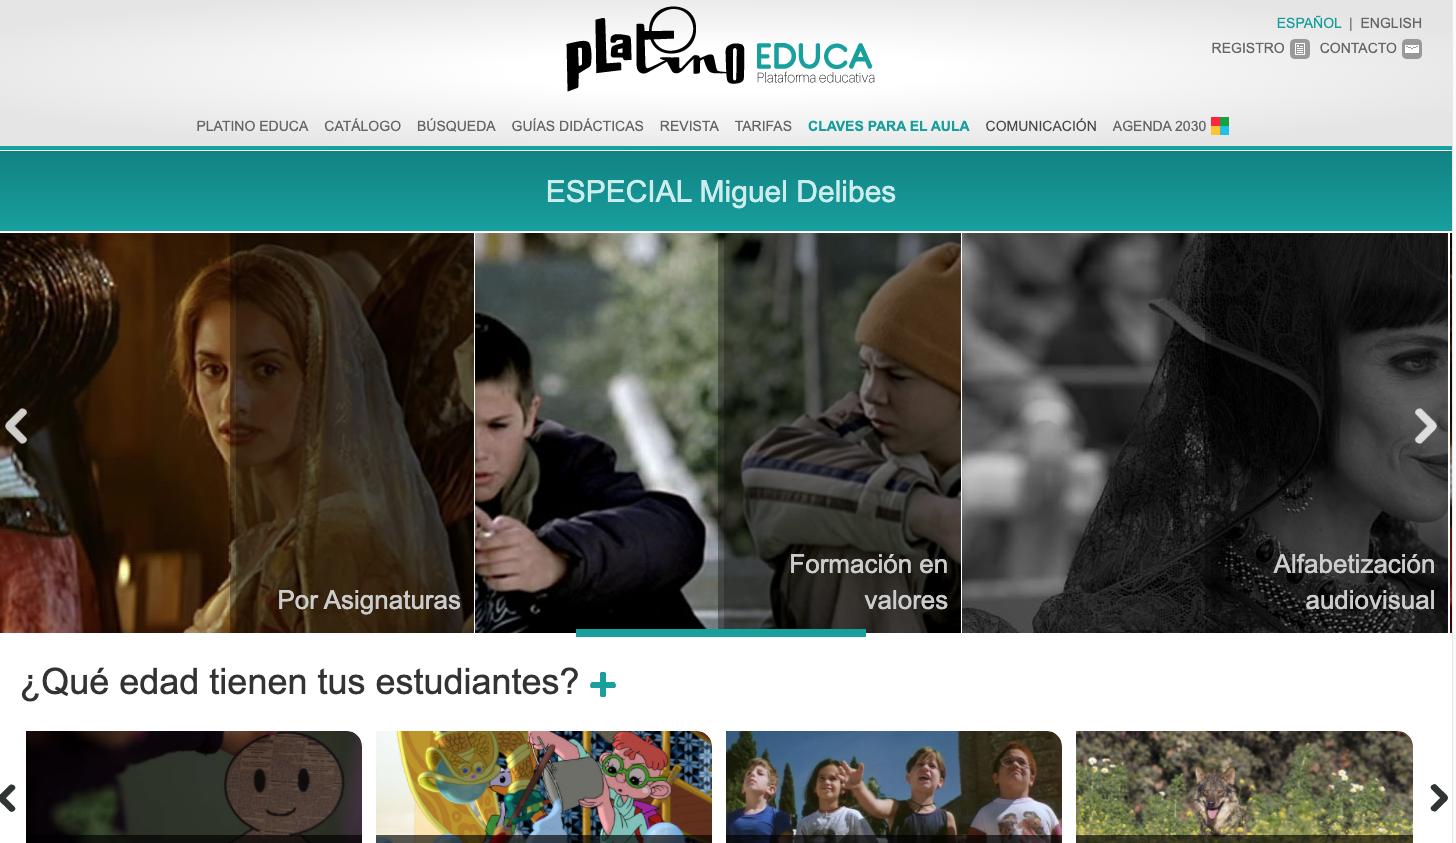 Premio QIA 2020. Ganador categoría Sector Educativo: Platino Educa – EGEDA